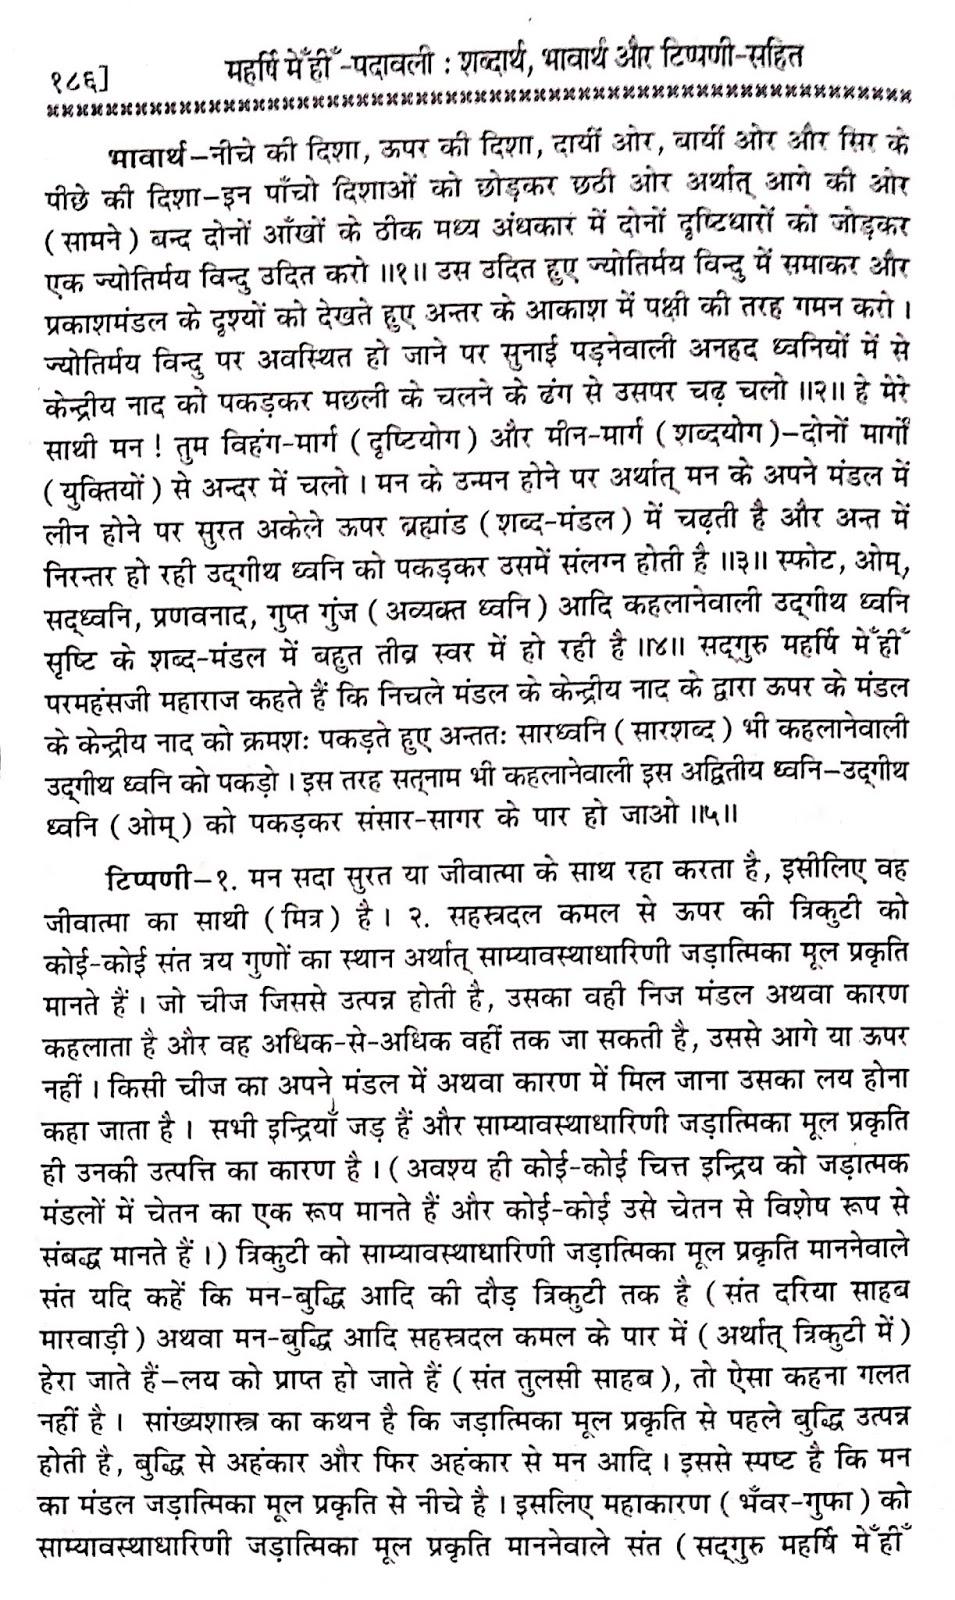 """P60, Complete knowledge of Vindu meditation? """"अध: ऊर्ध्व अरु दांएं बांएं।..."""" महर्षि मेंहीं पदावली अर्थ सहित। पदावली भजन 60 का भावार्थ और टिप्पणी। ध्यान पर विशेष।"""